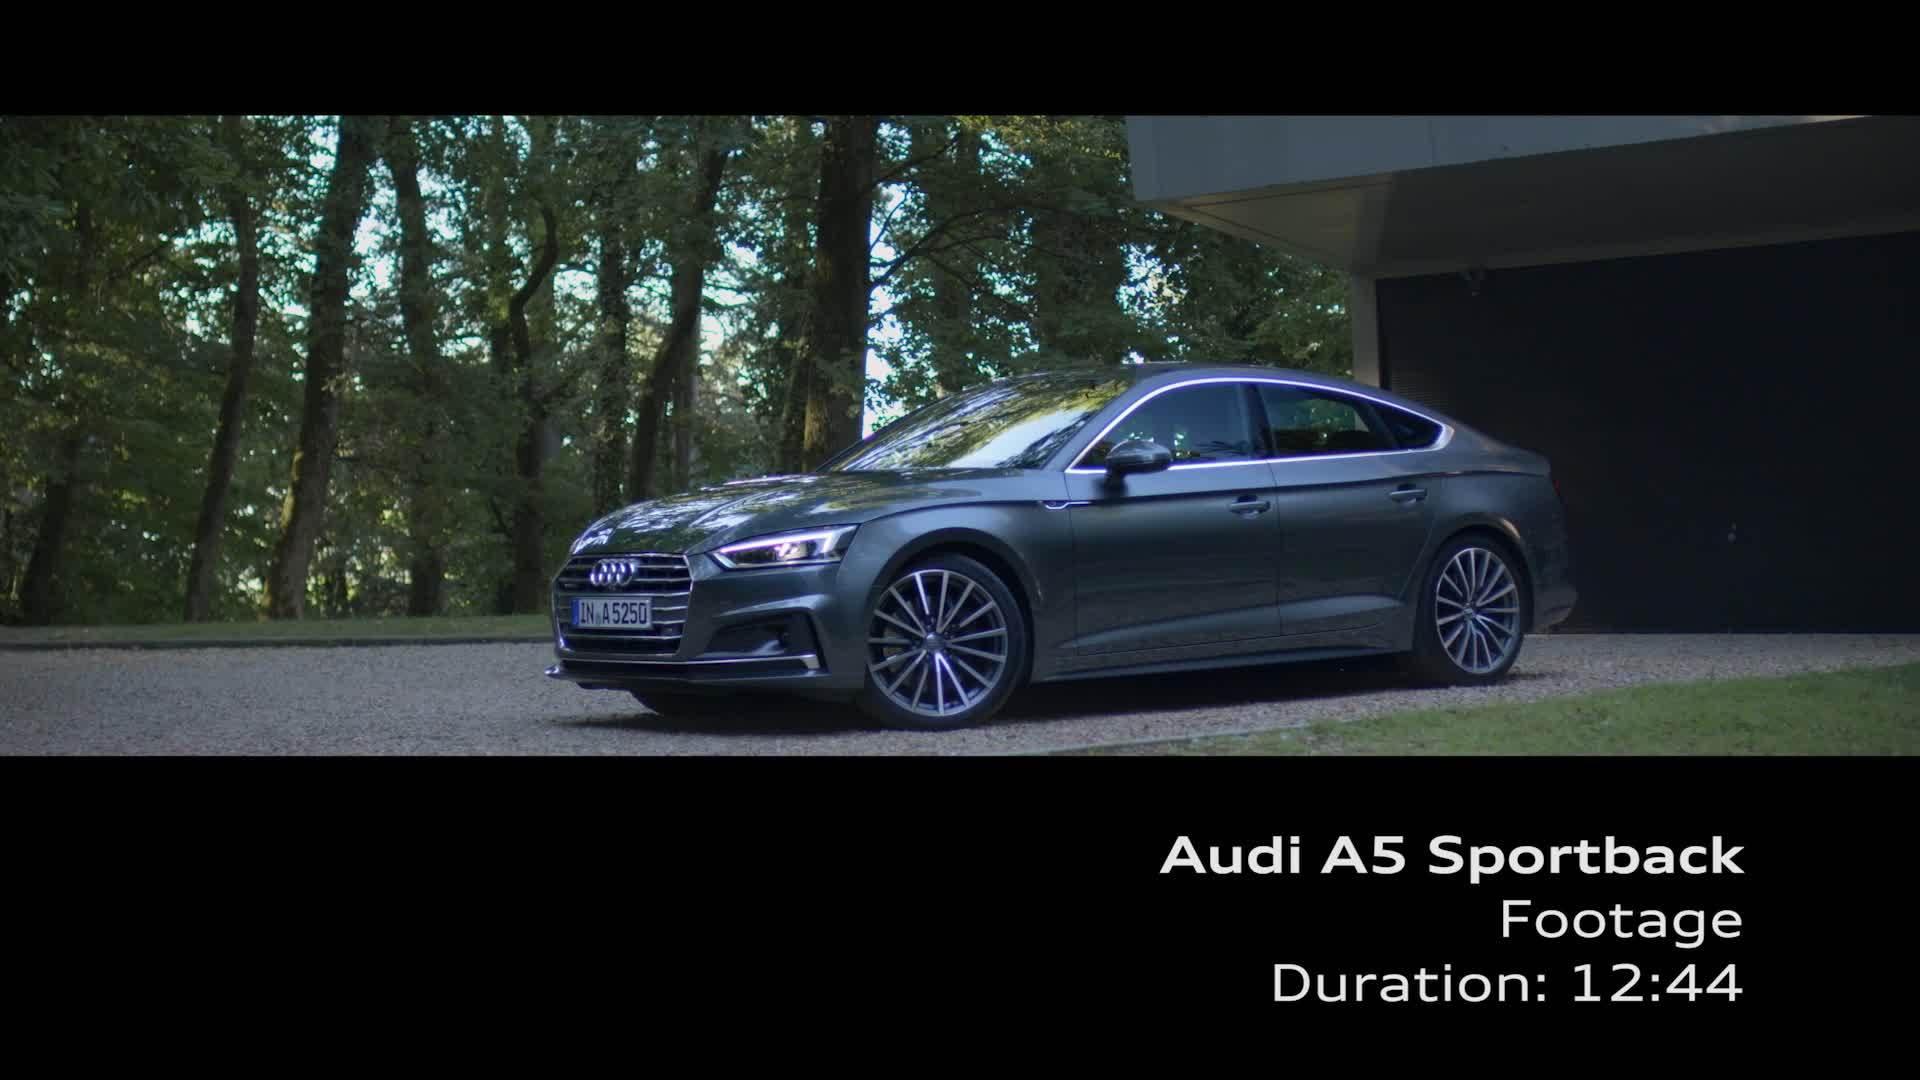 Audi A5 Sportback - Footage